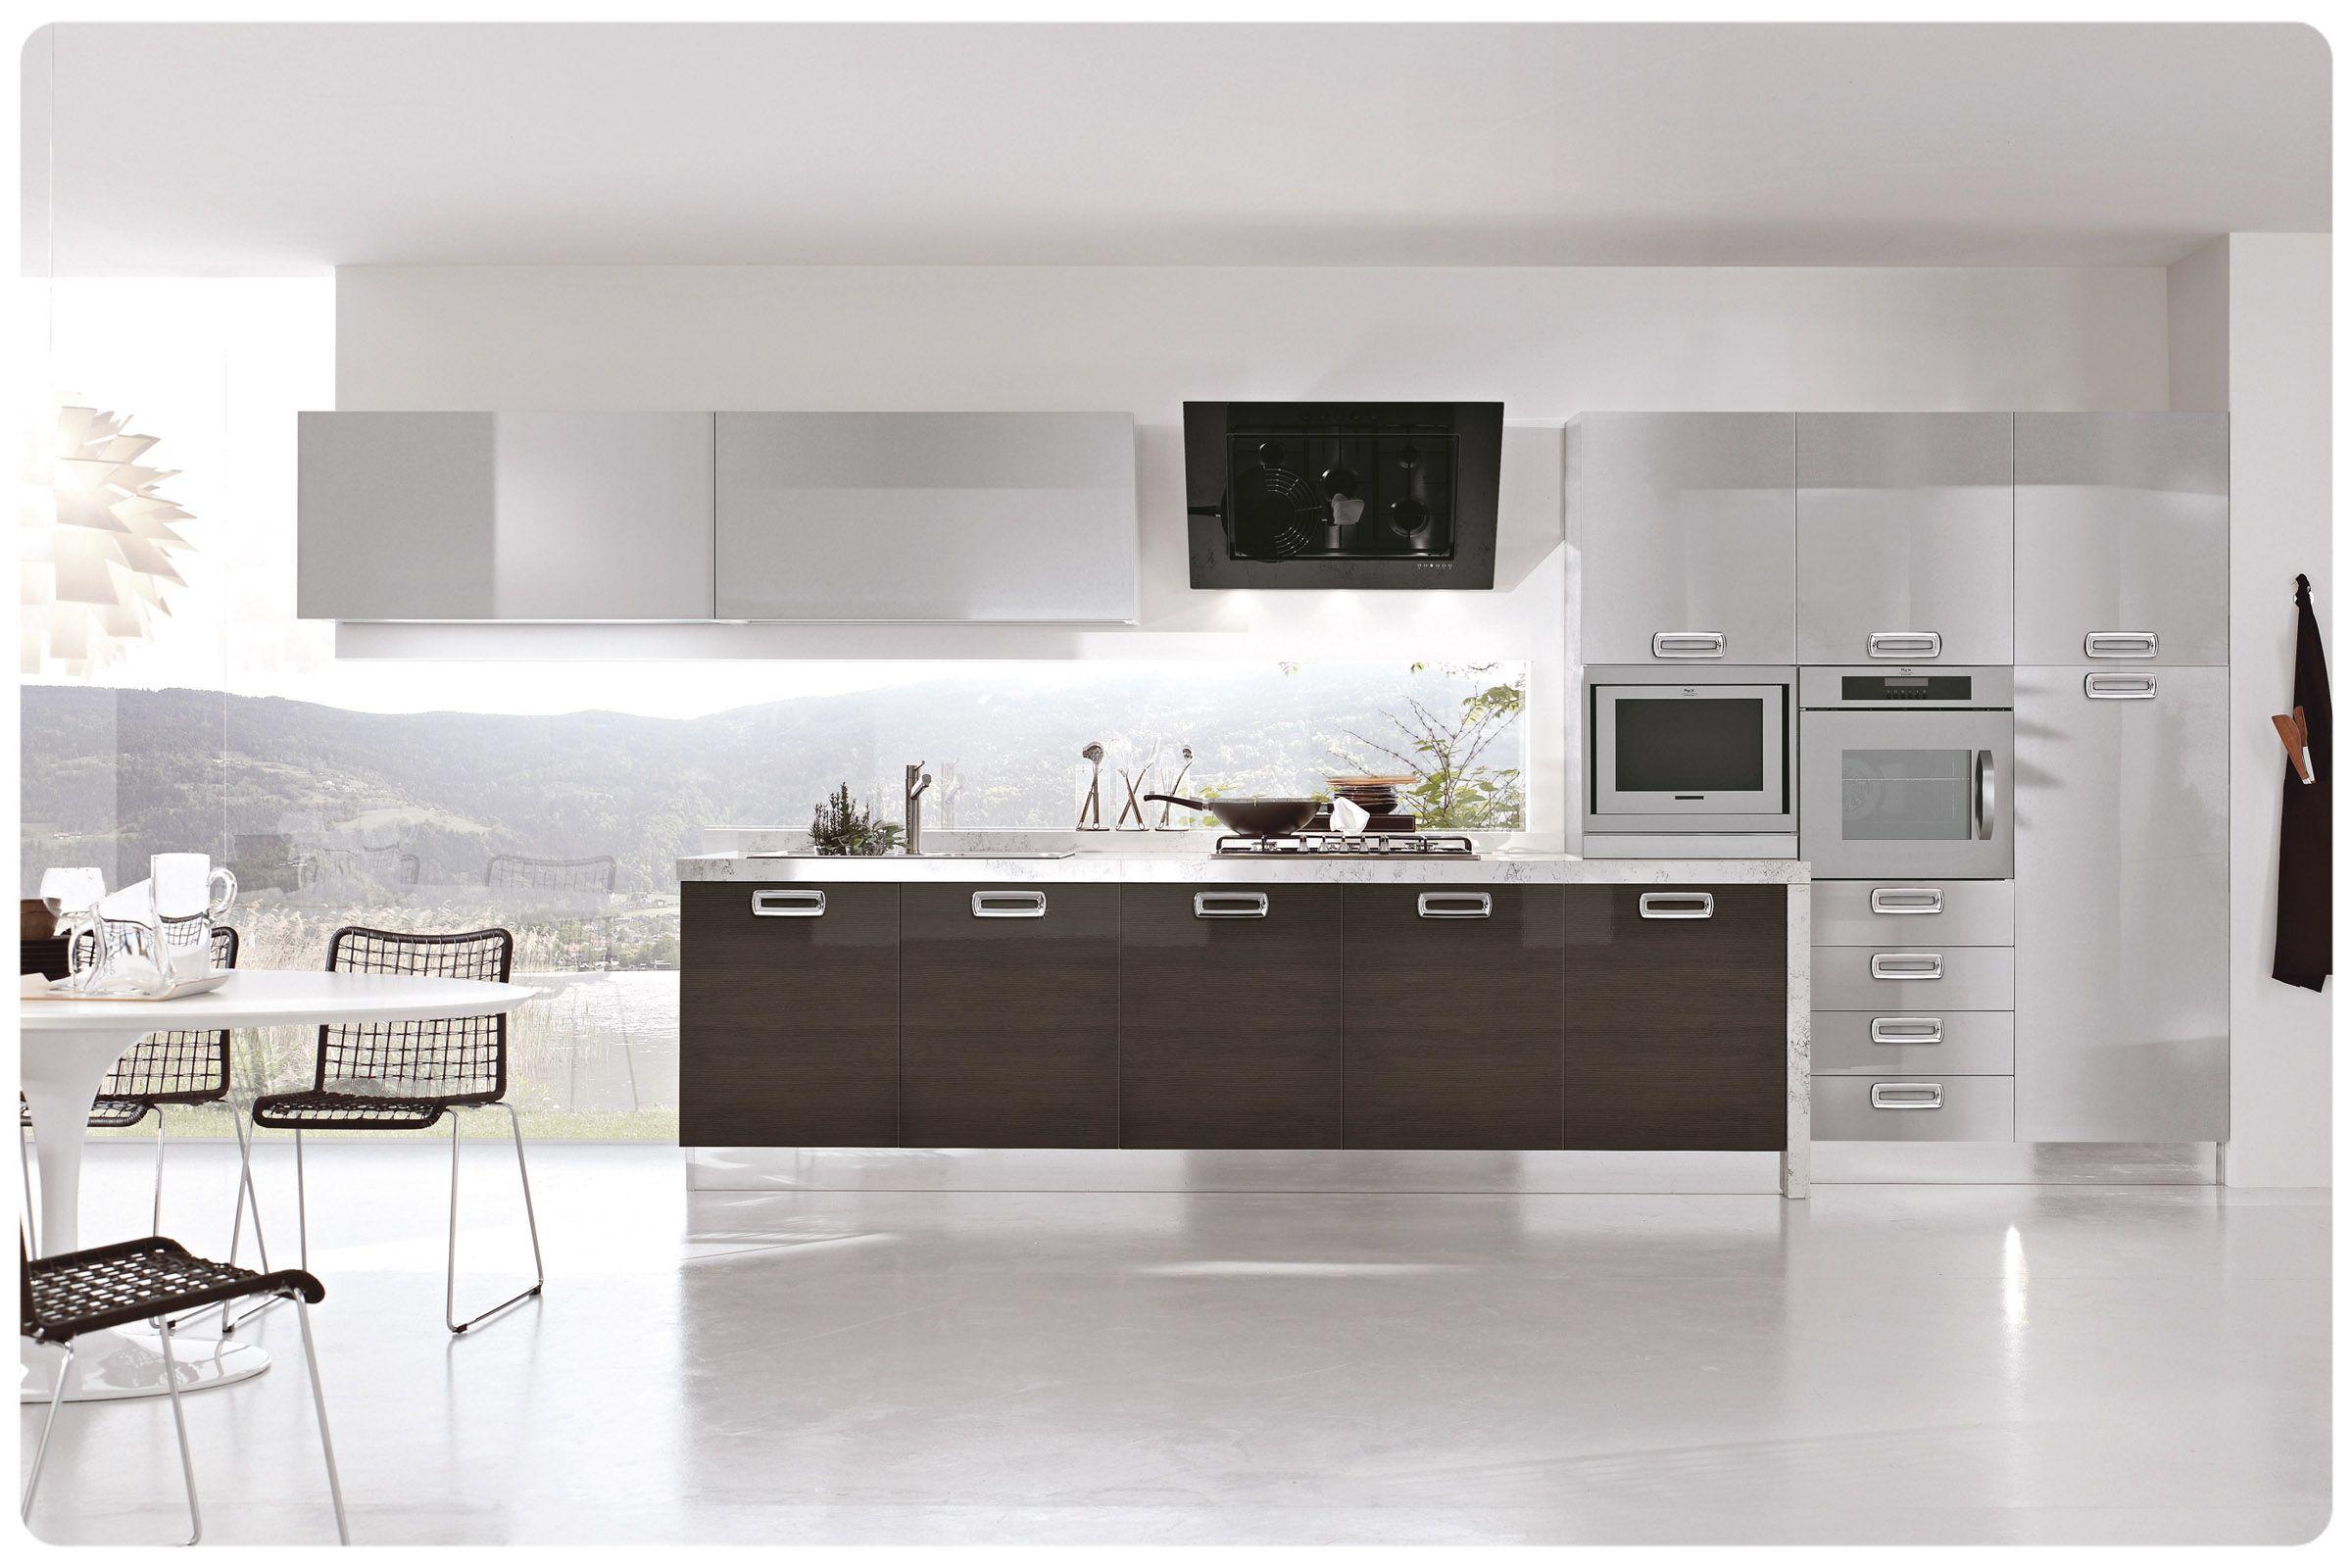 Beautiful Stosa Cucine Moderne Photos - Design & Ideas 2017 - candp.us